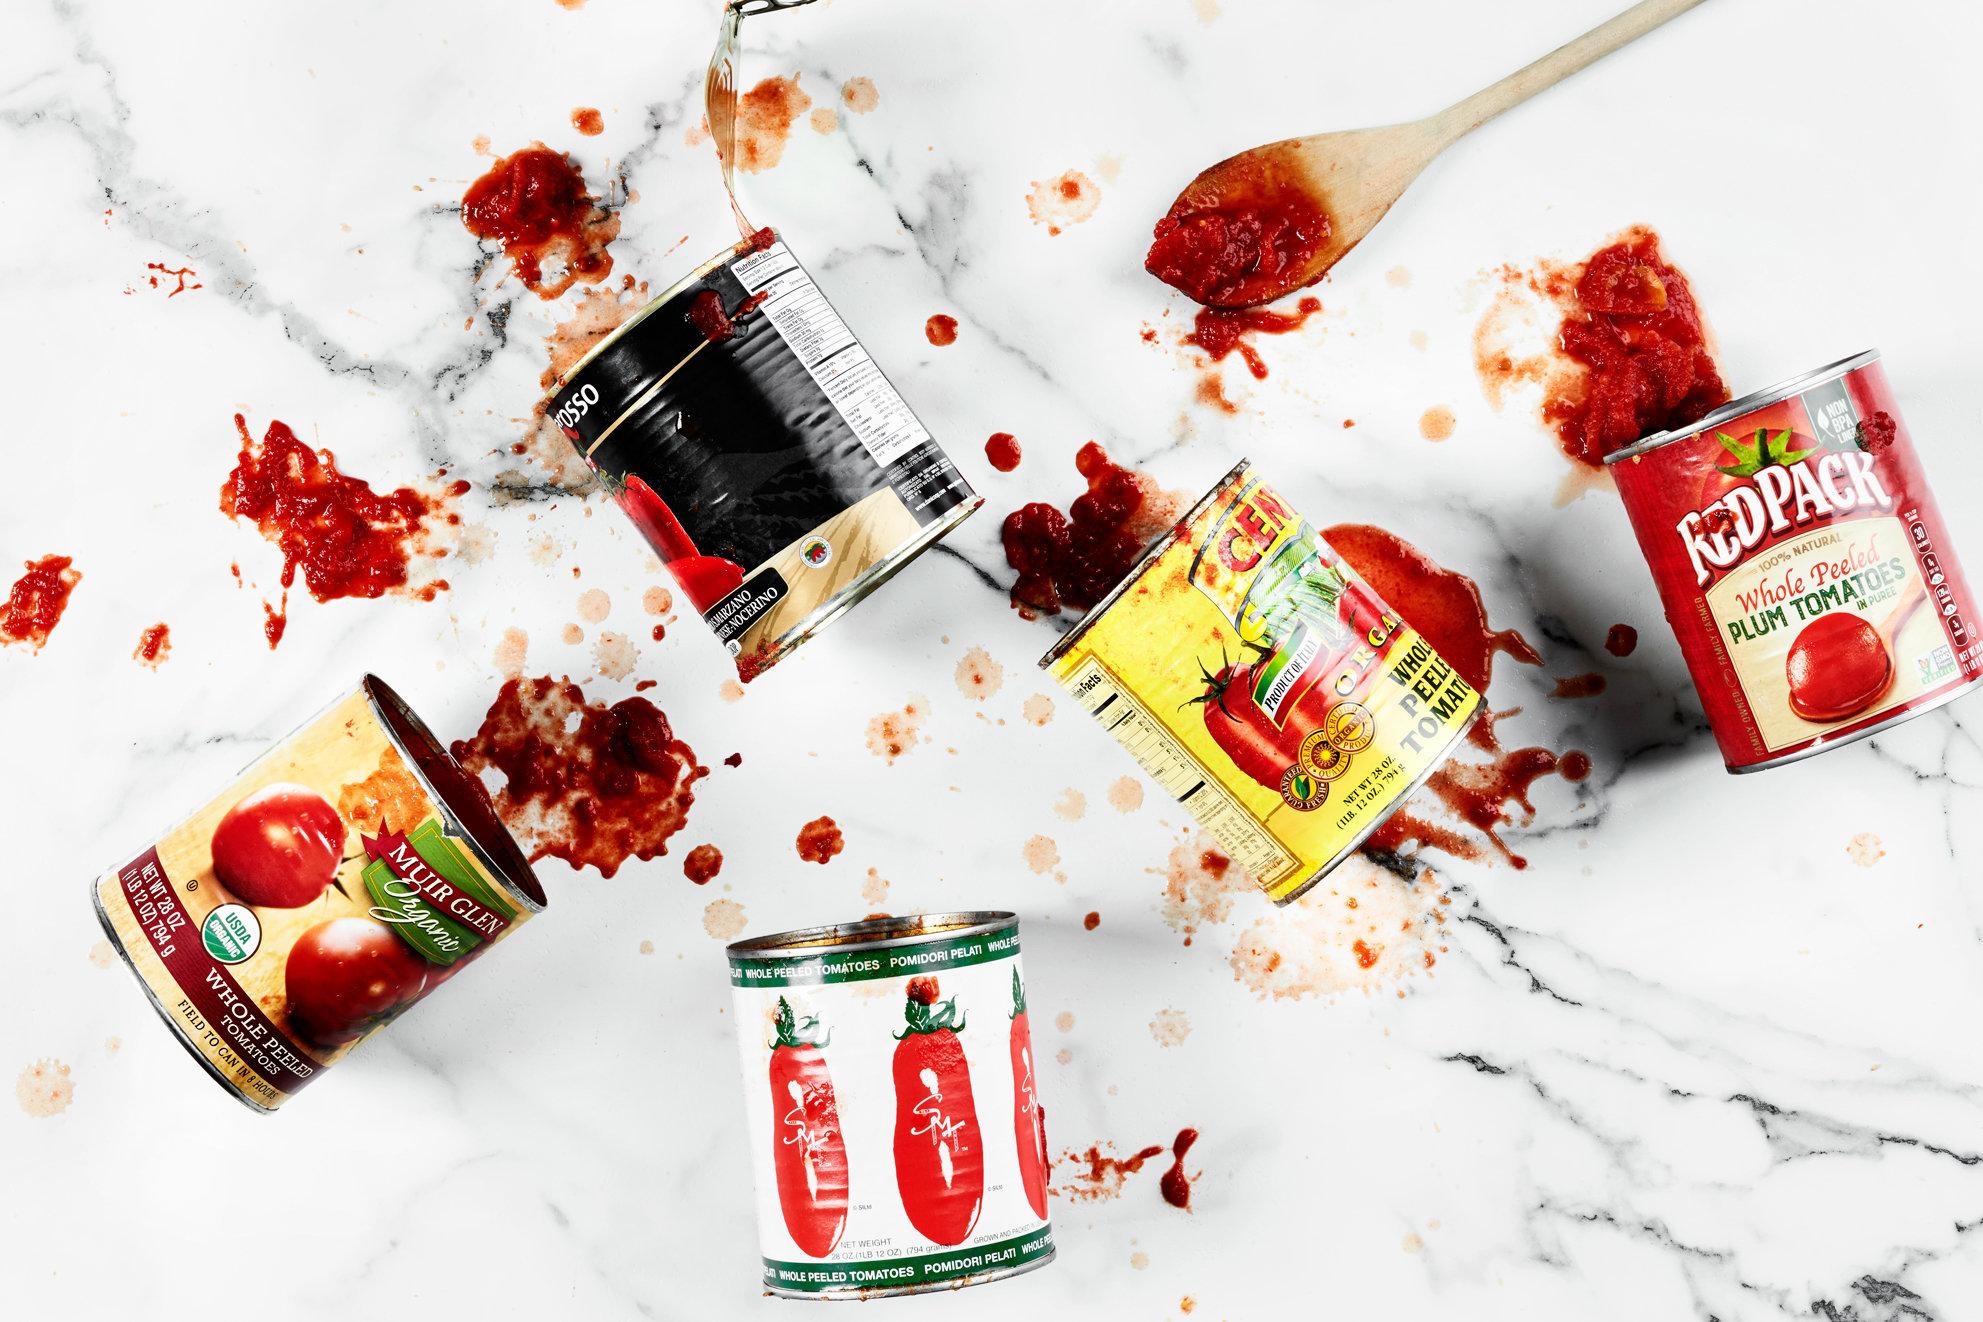 tomato-taste-test-inset-23092016.jpg